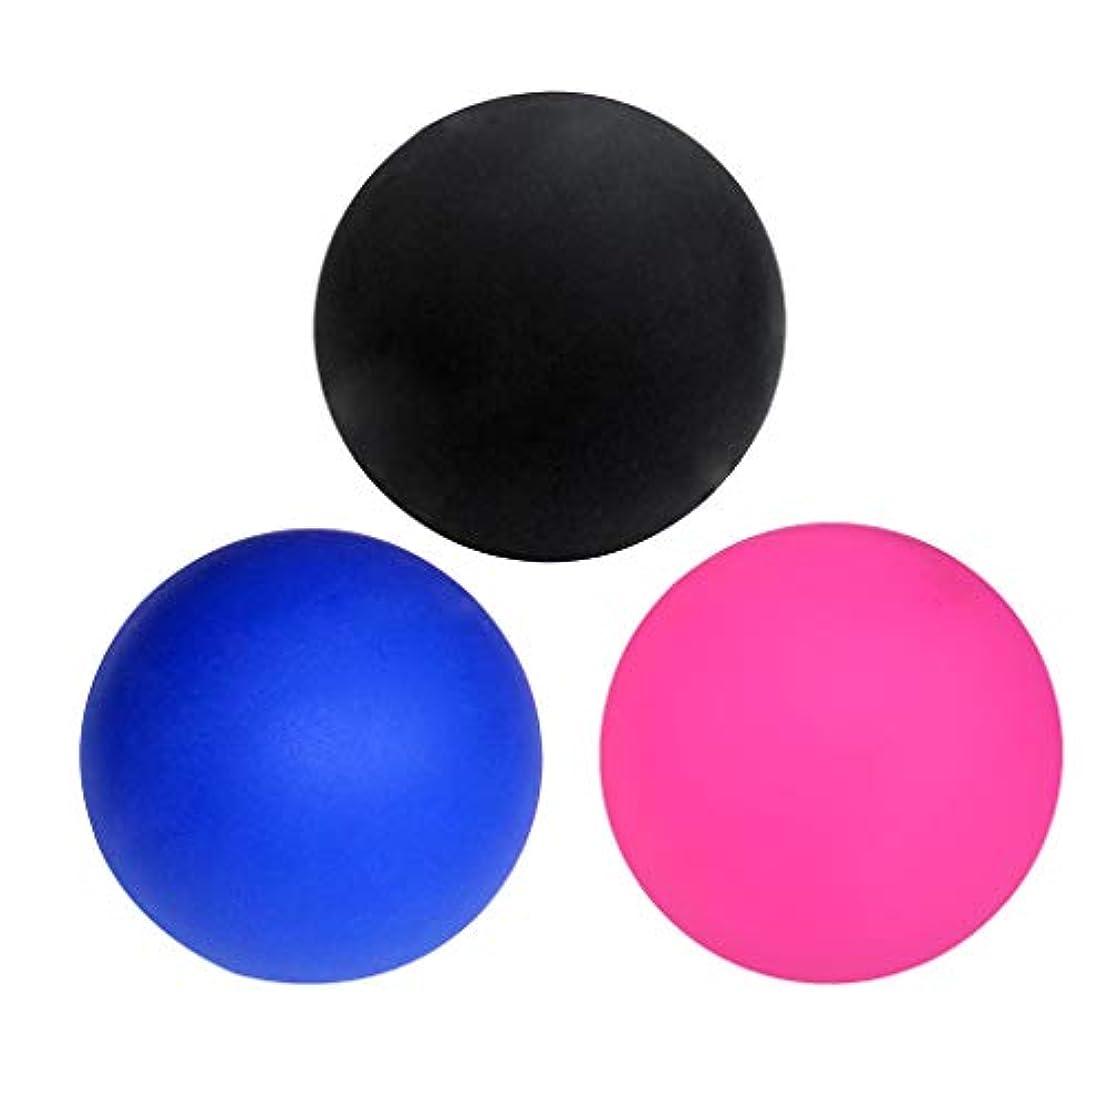 嫌がるビジュアルおじいちゃんdailymall マッサージボール ラクロスボール トリガーポイント 筋膜リリース トレーニング ツボ押しグッズ 3個入